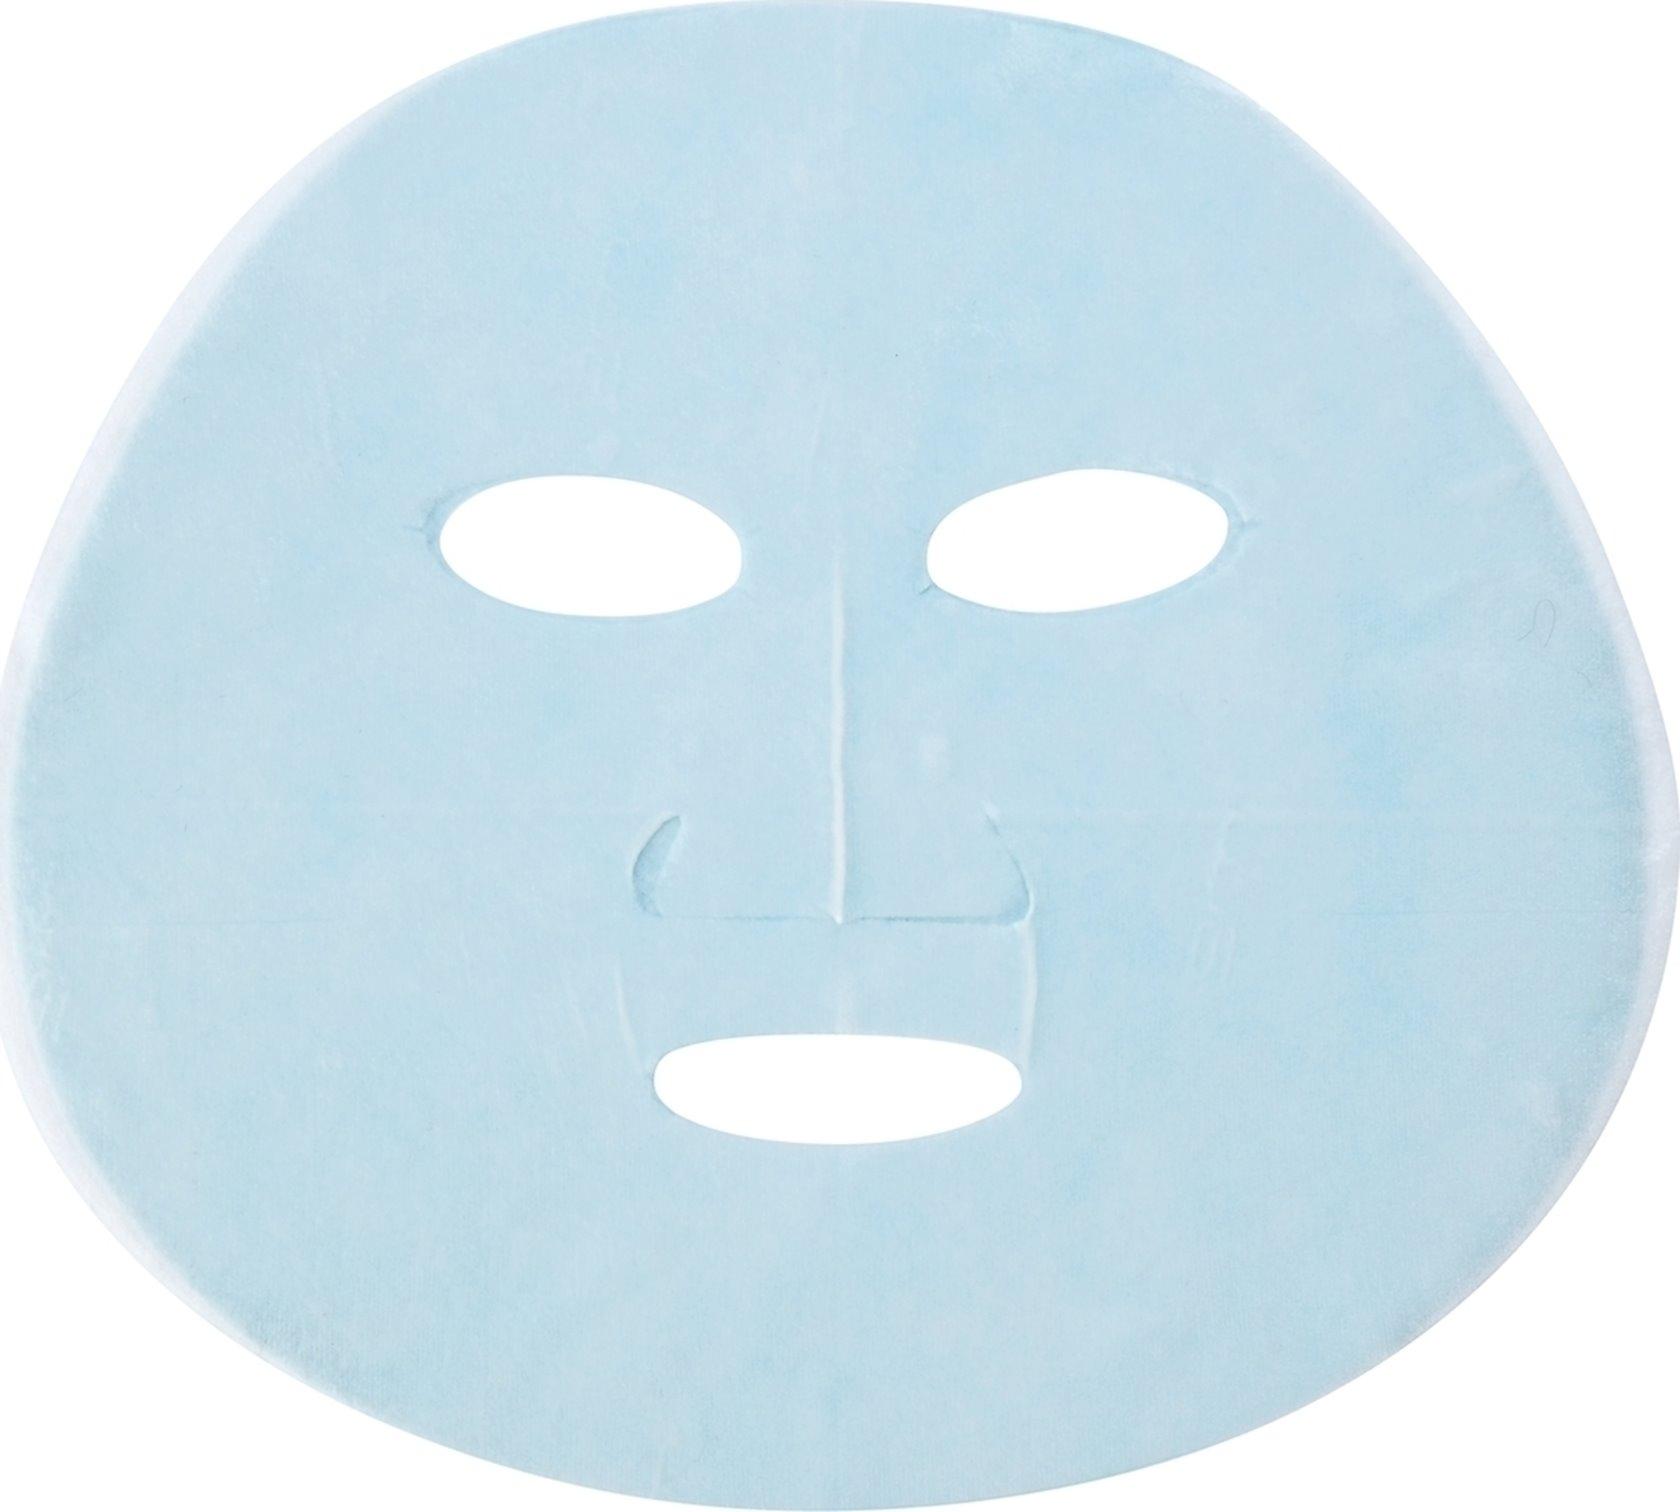 Parça maska üz üçün Garnier Skin Naturals Nəmləndirmə + Akva bomba